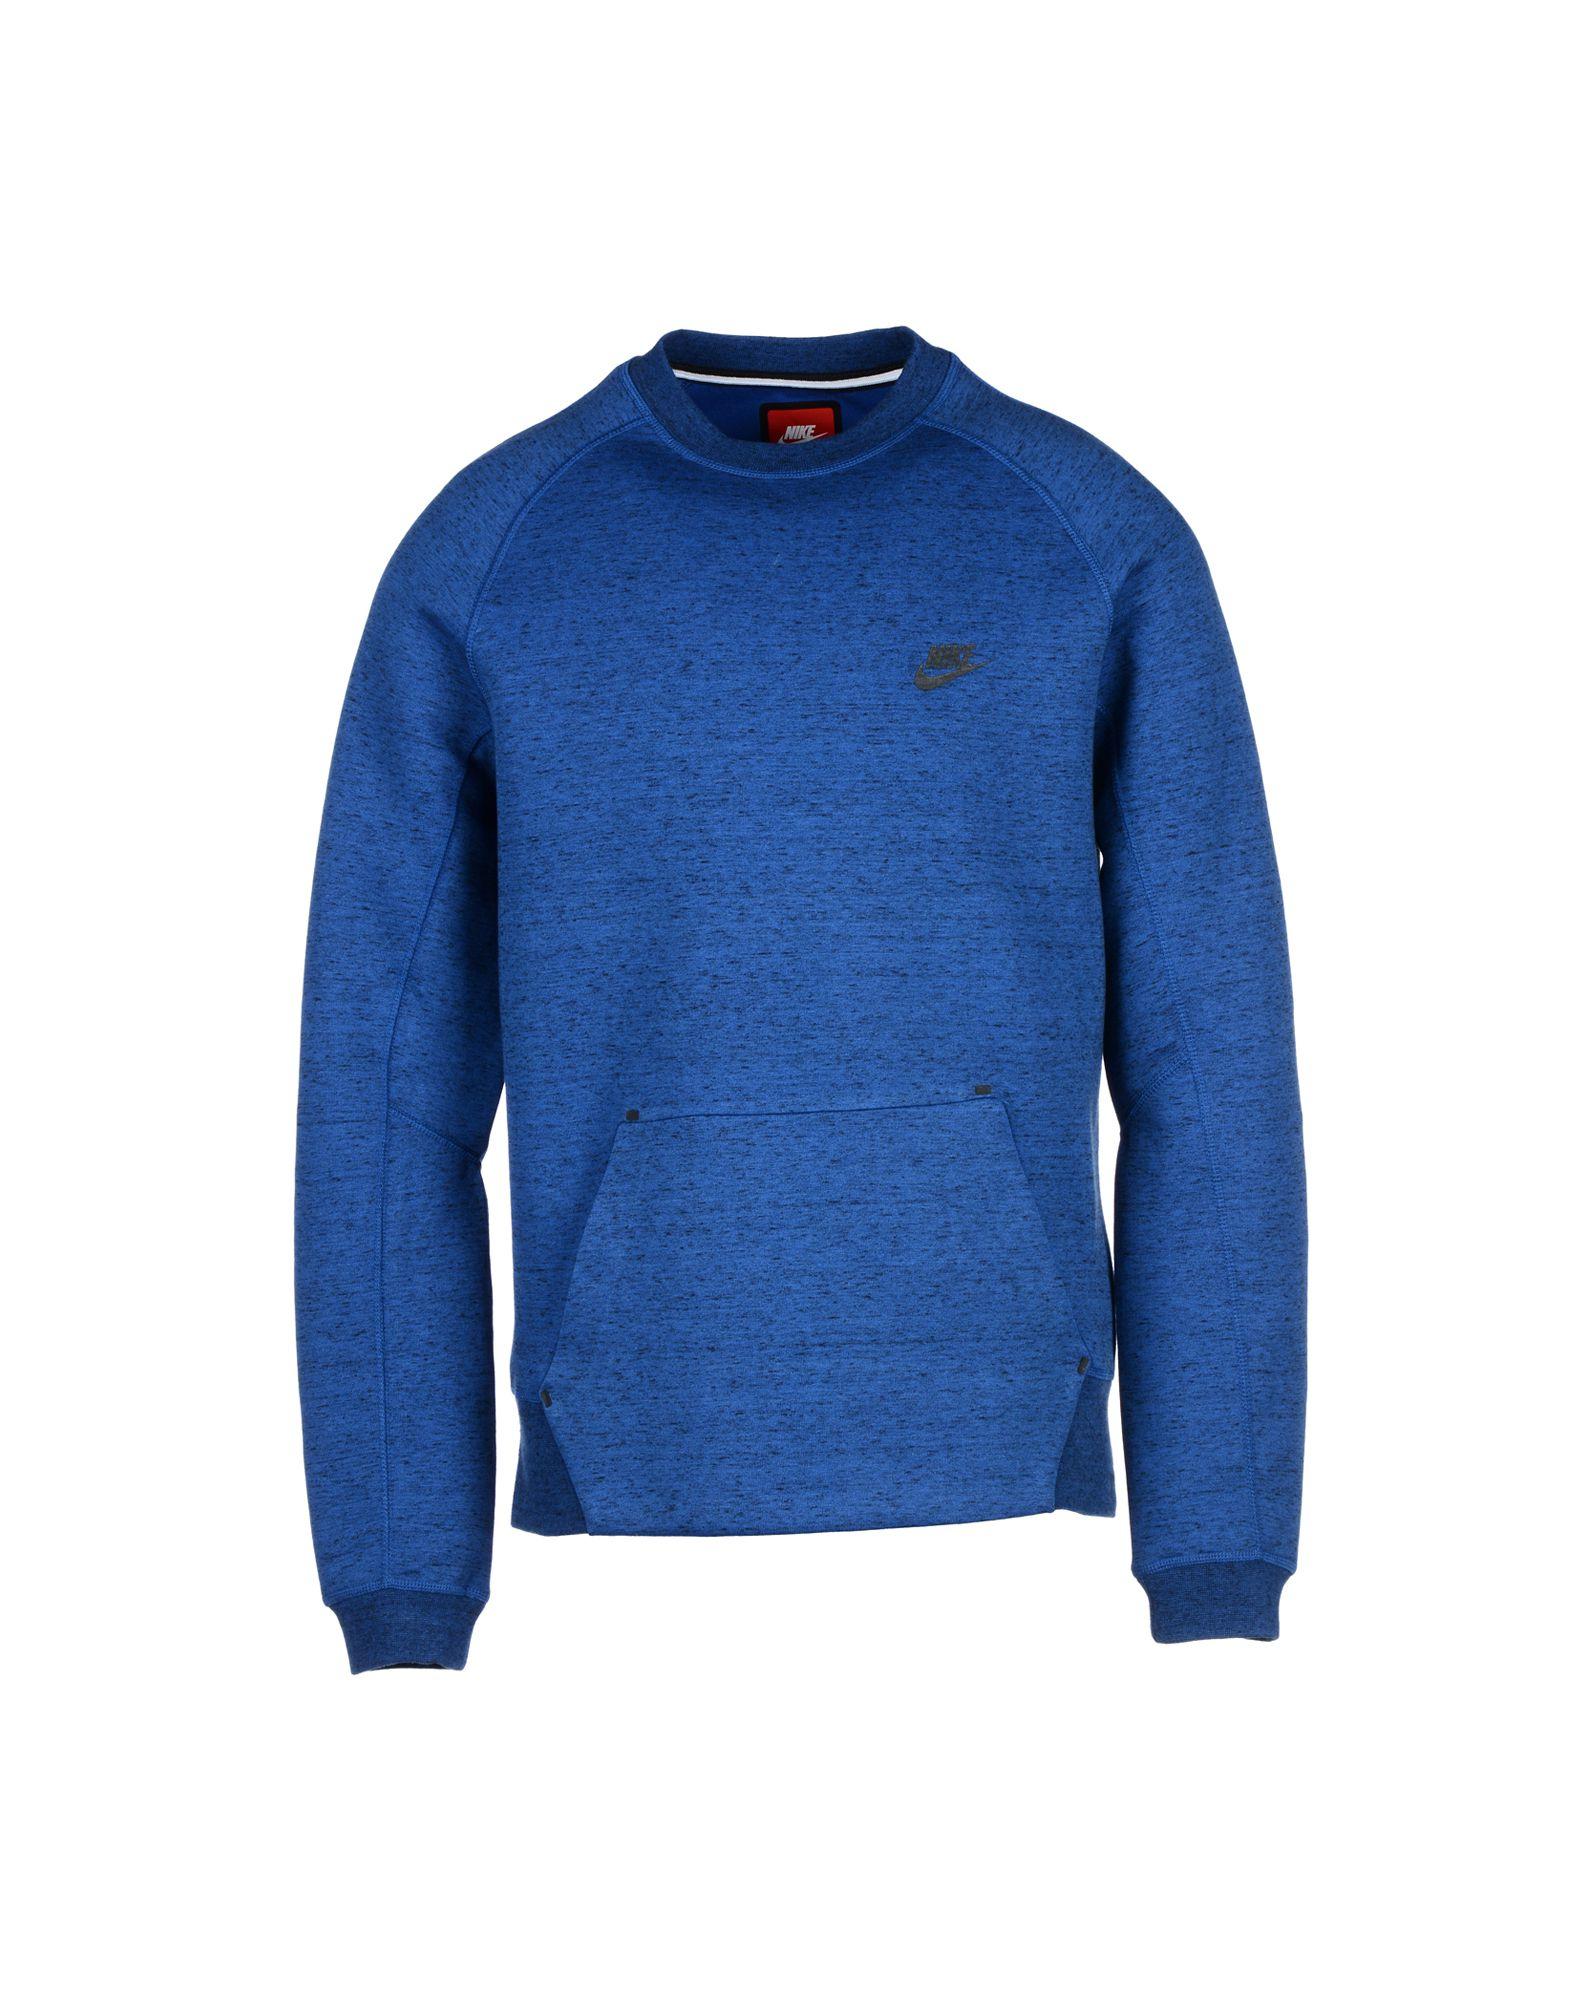 Nike blue hoodie